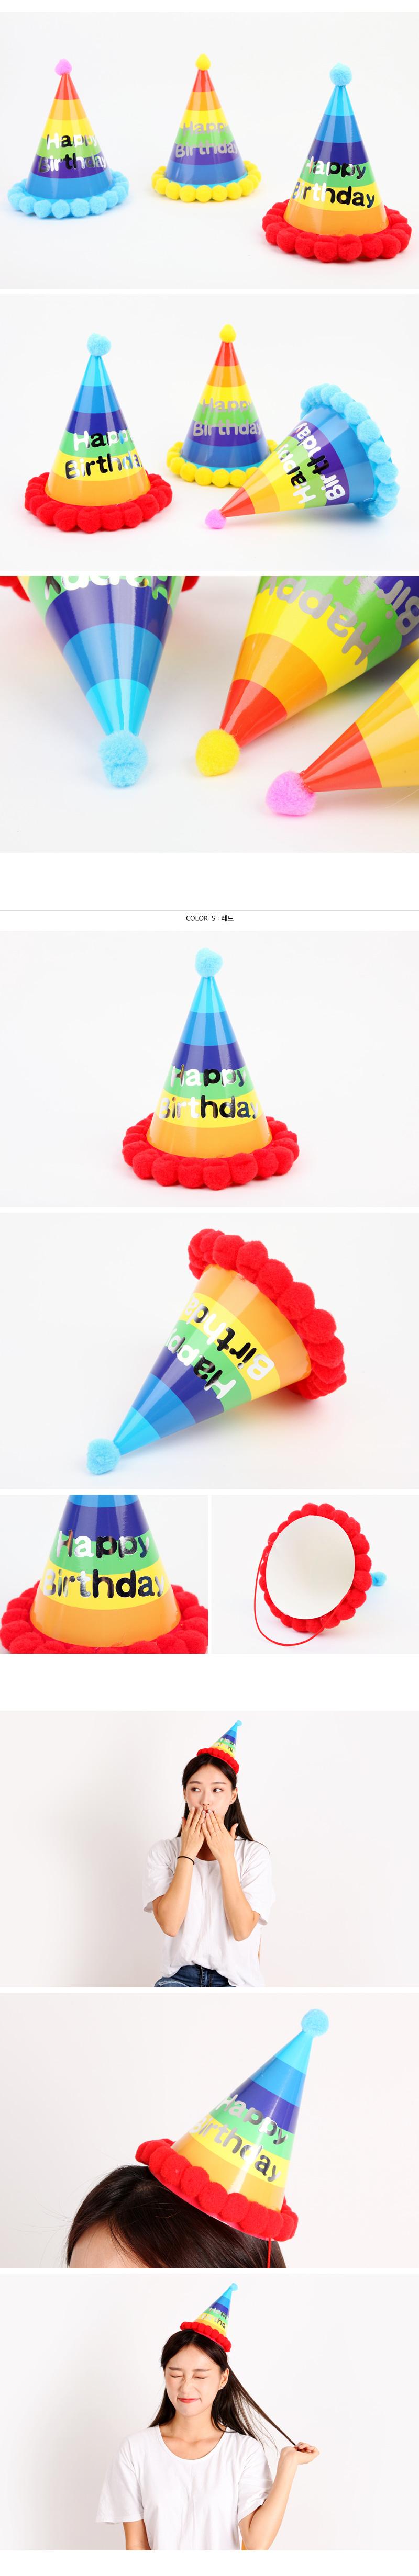 무지개 생일고깔모자-블루 - 파티해, 1,800원, 파티의상/잡화, 모자/고깔